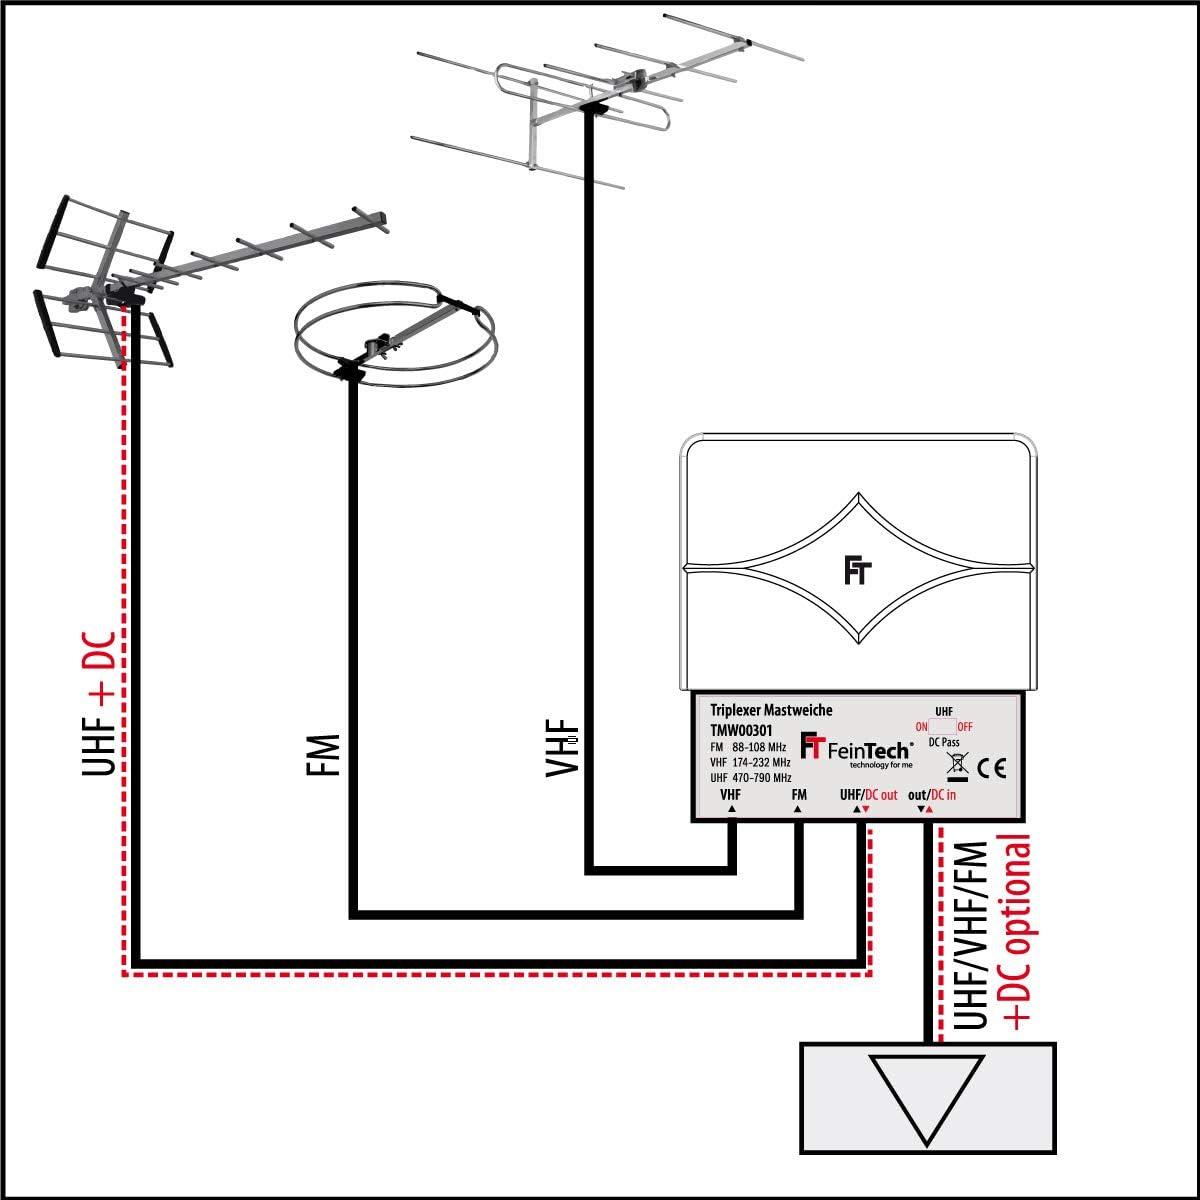 SKT TMW00301 Triple mezclador para mástil triplexer 3 entradas para antena terrestre VHF UHF TDT DAB FM Combiner